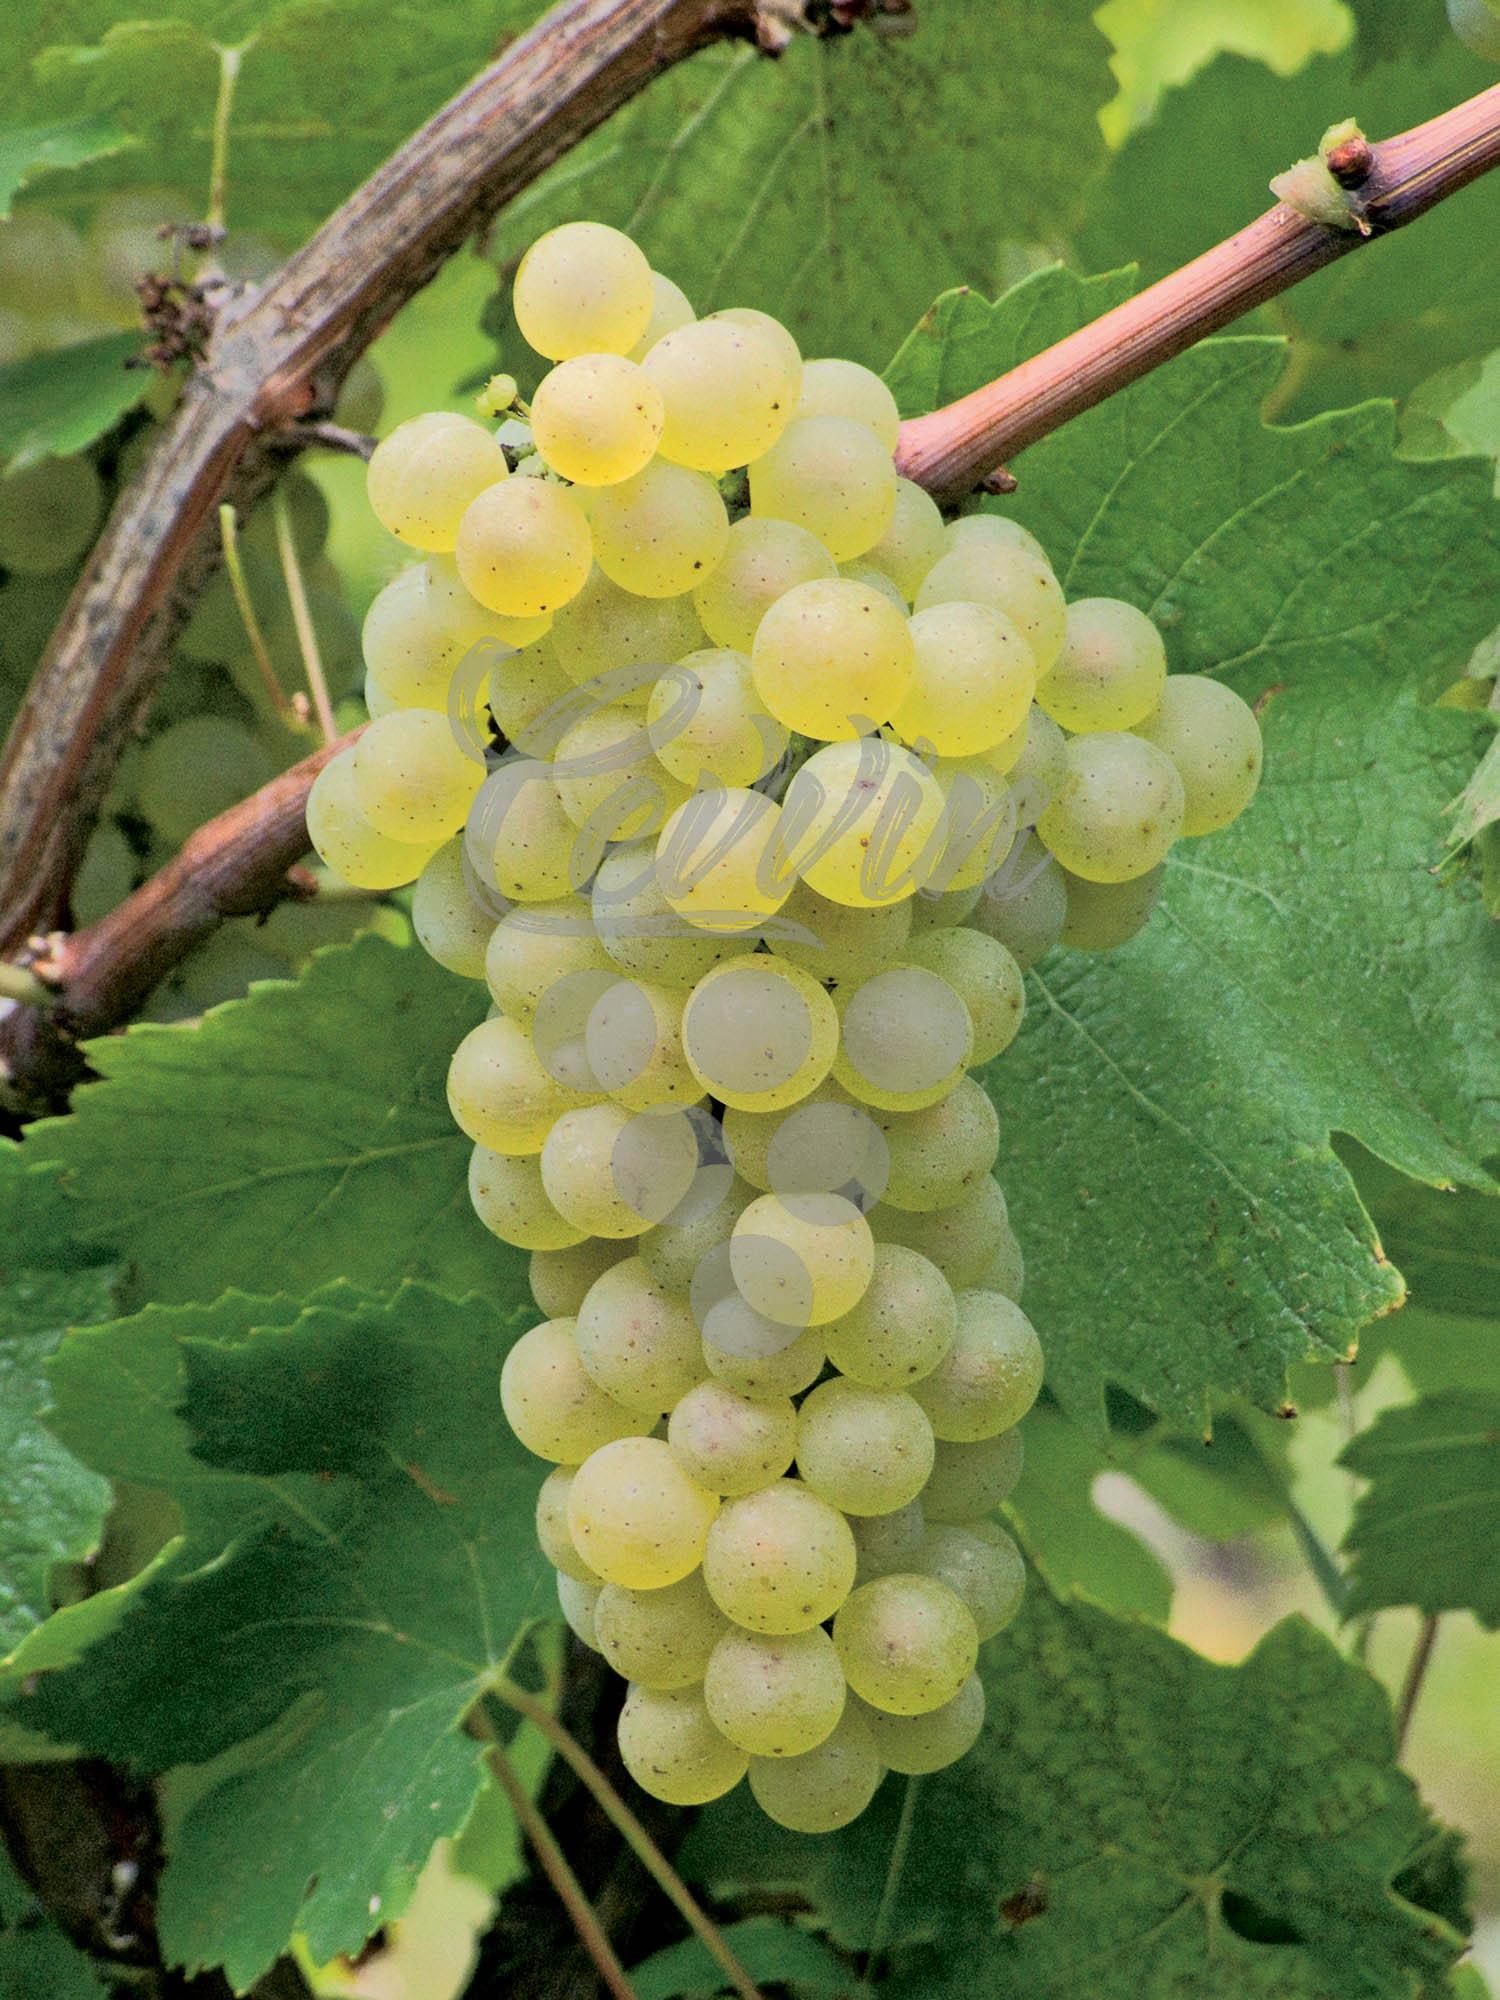 Šardone-grozd